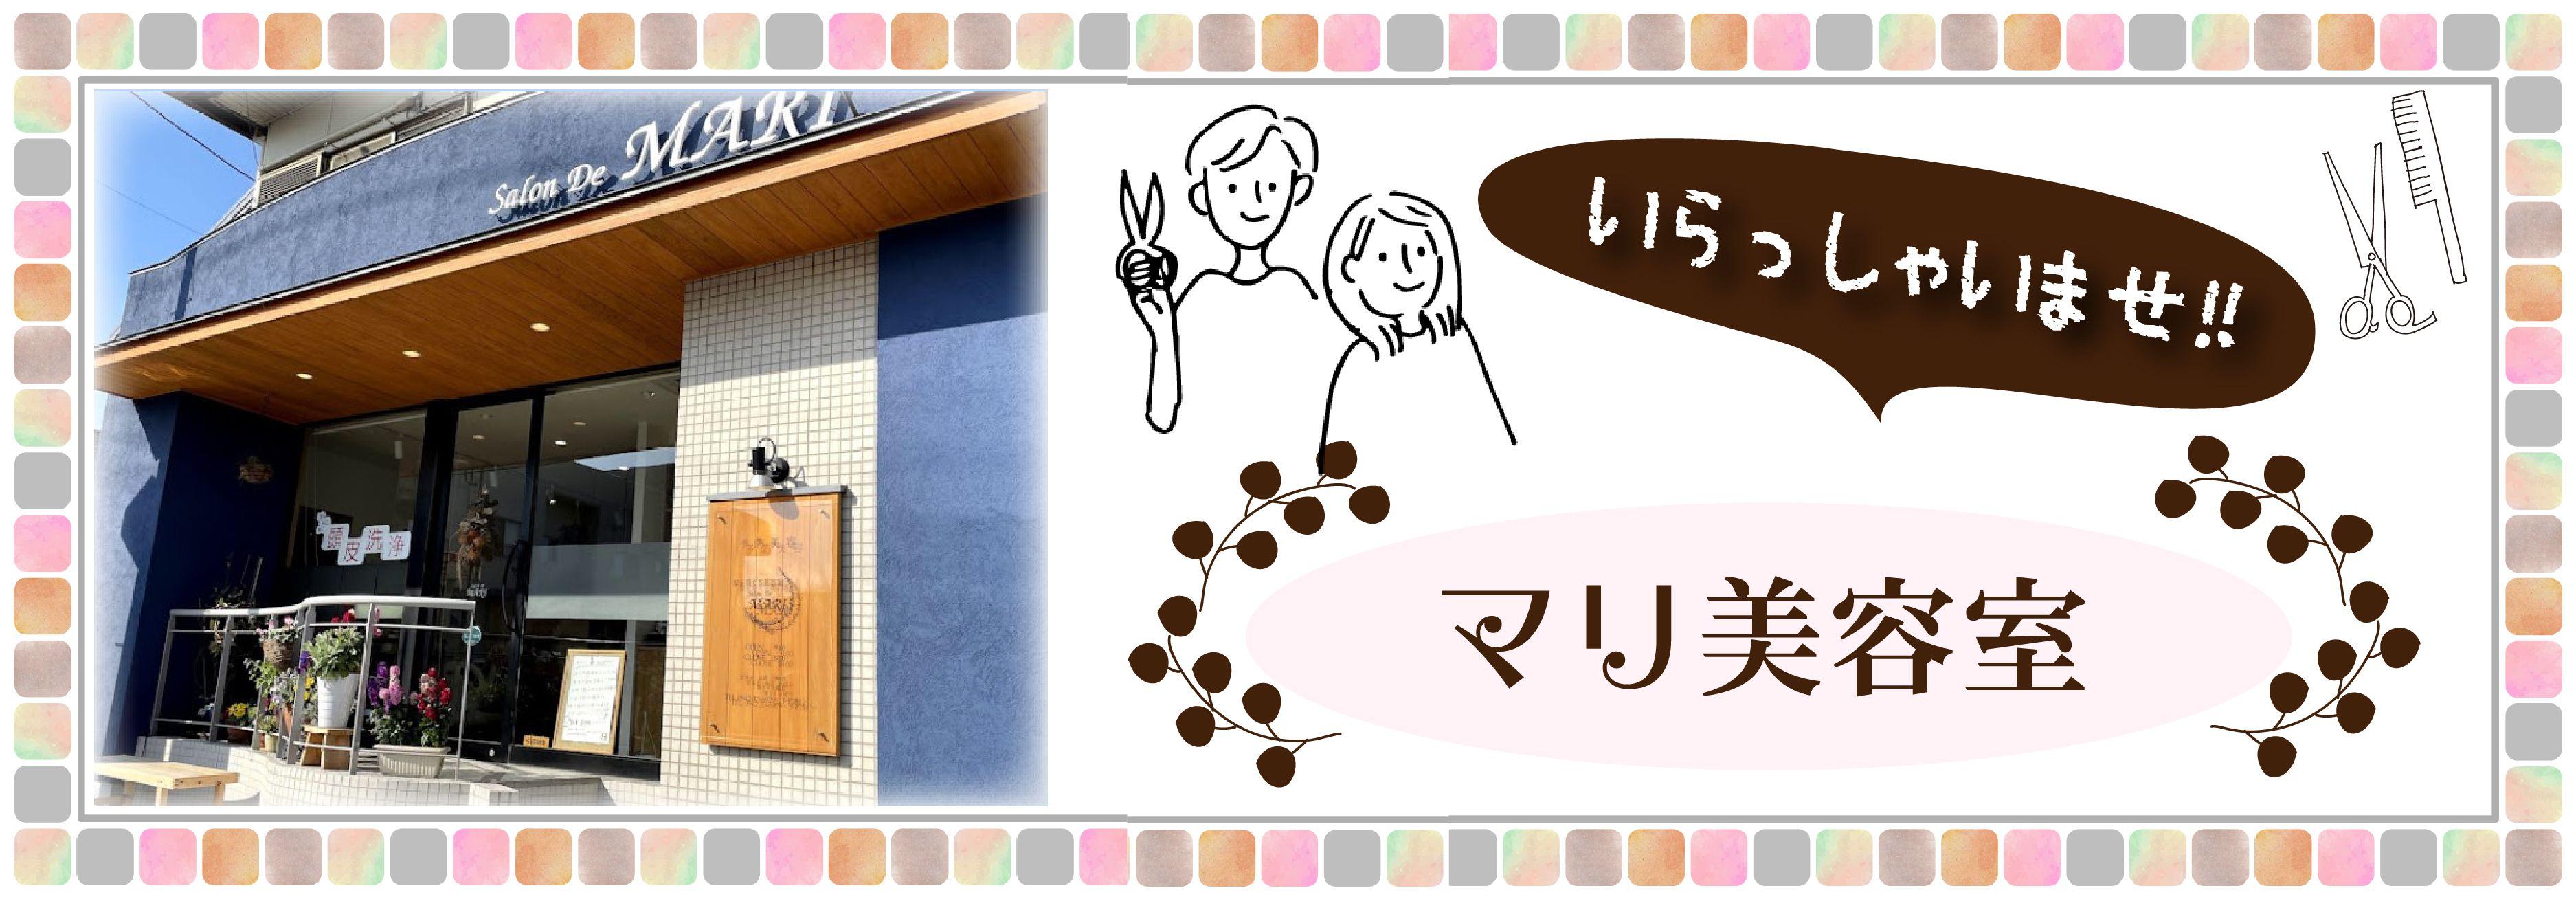 マリ美容室 〜Salon De MARI〜